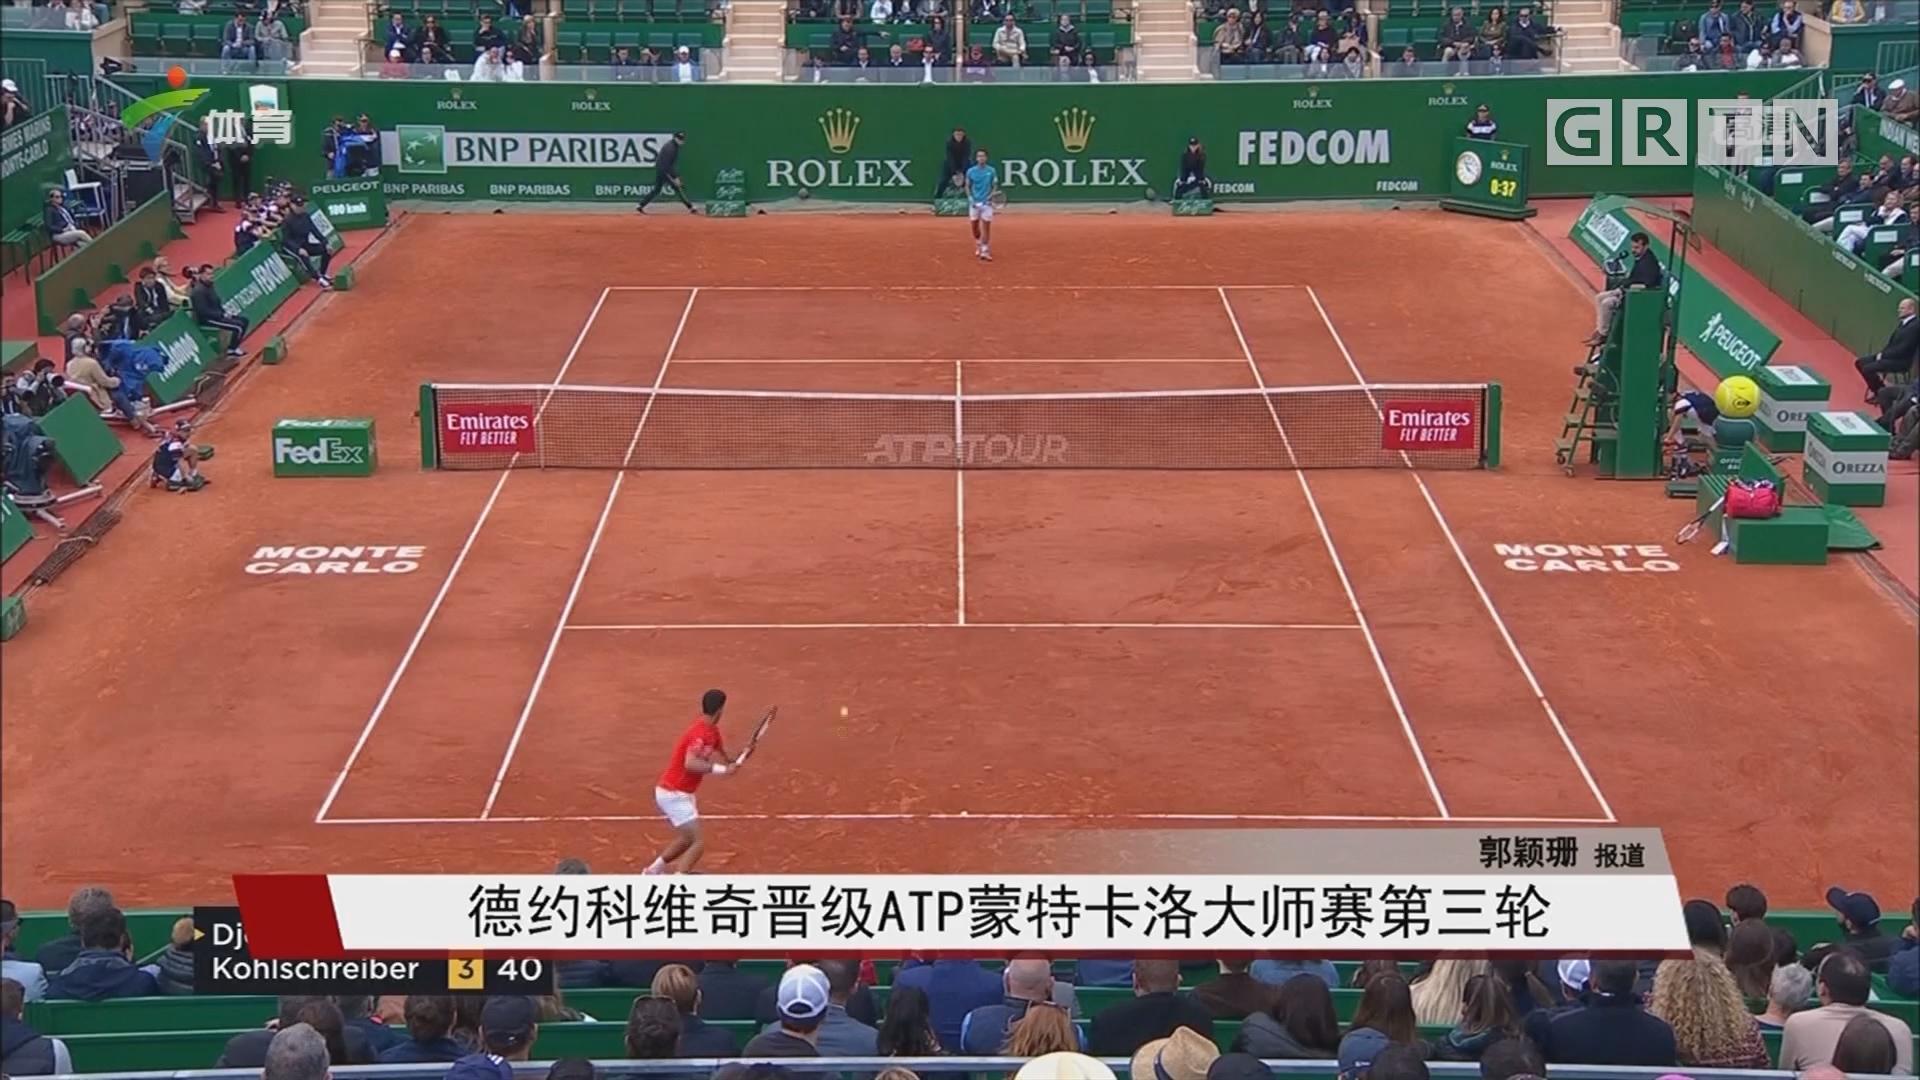 德约科维奇晋级ATP蒙特卡洛大师赛第三轮